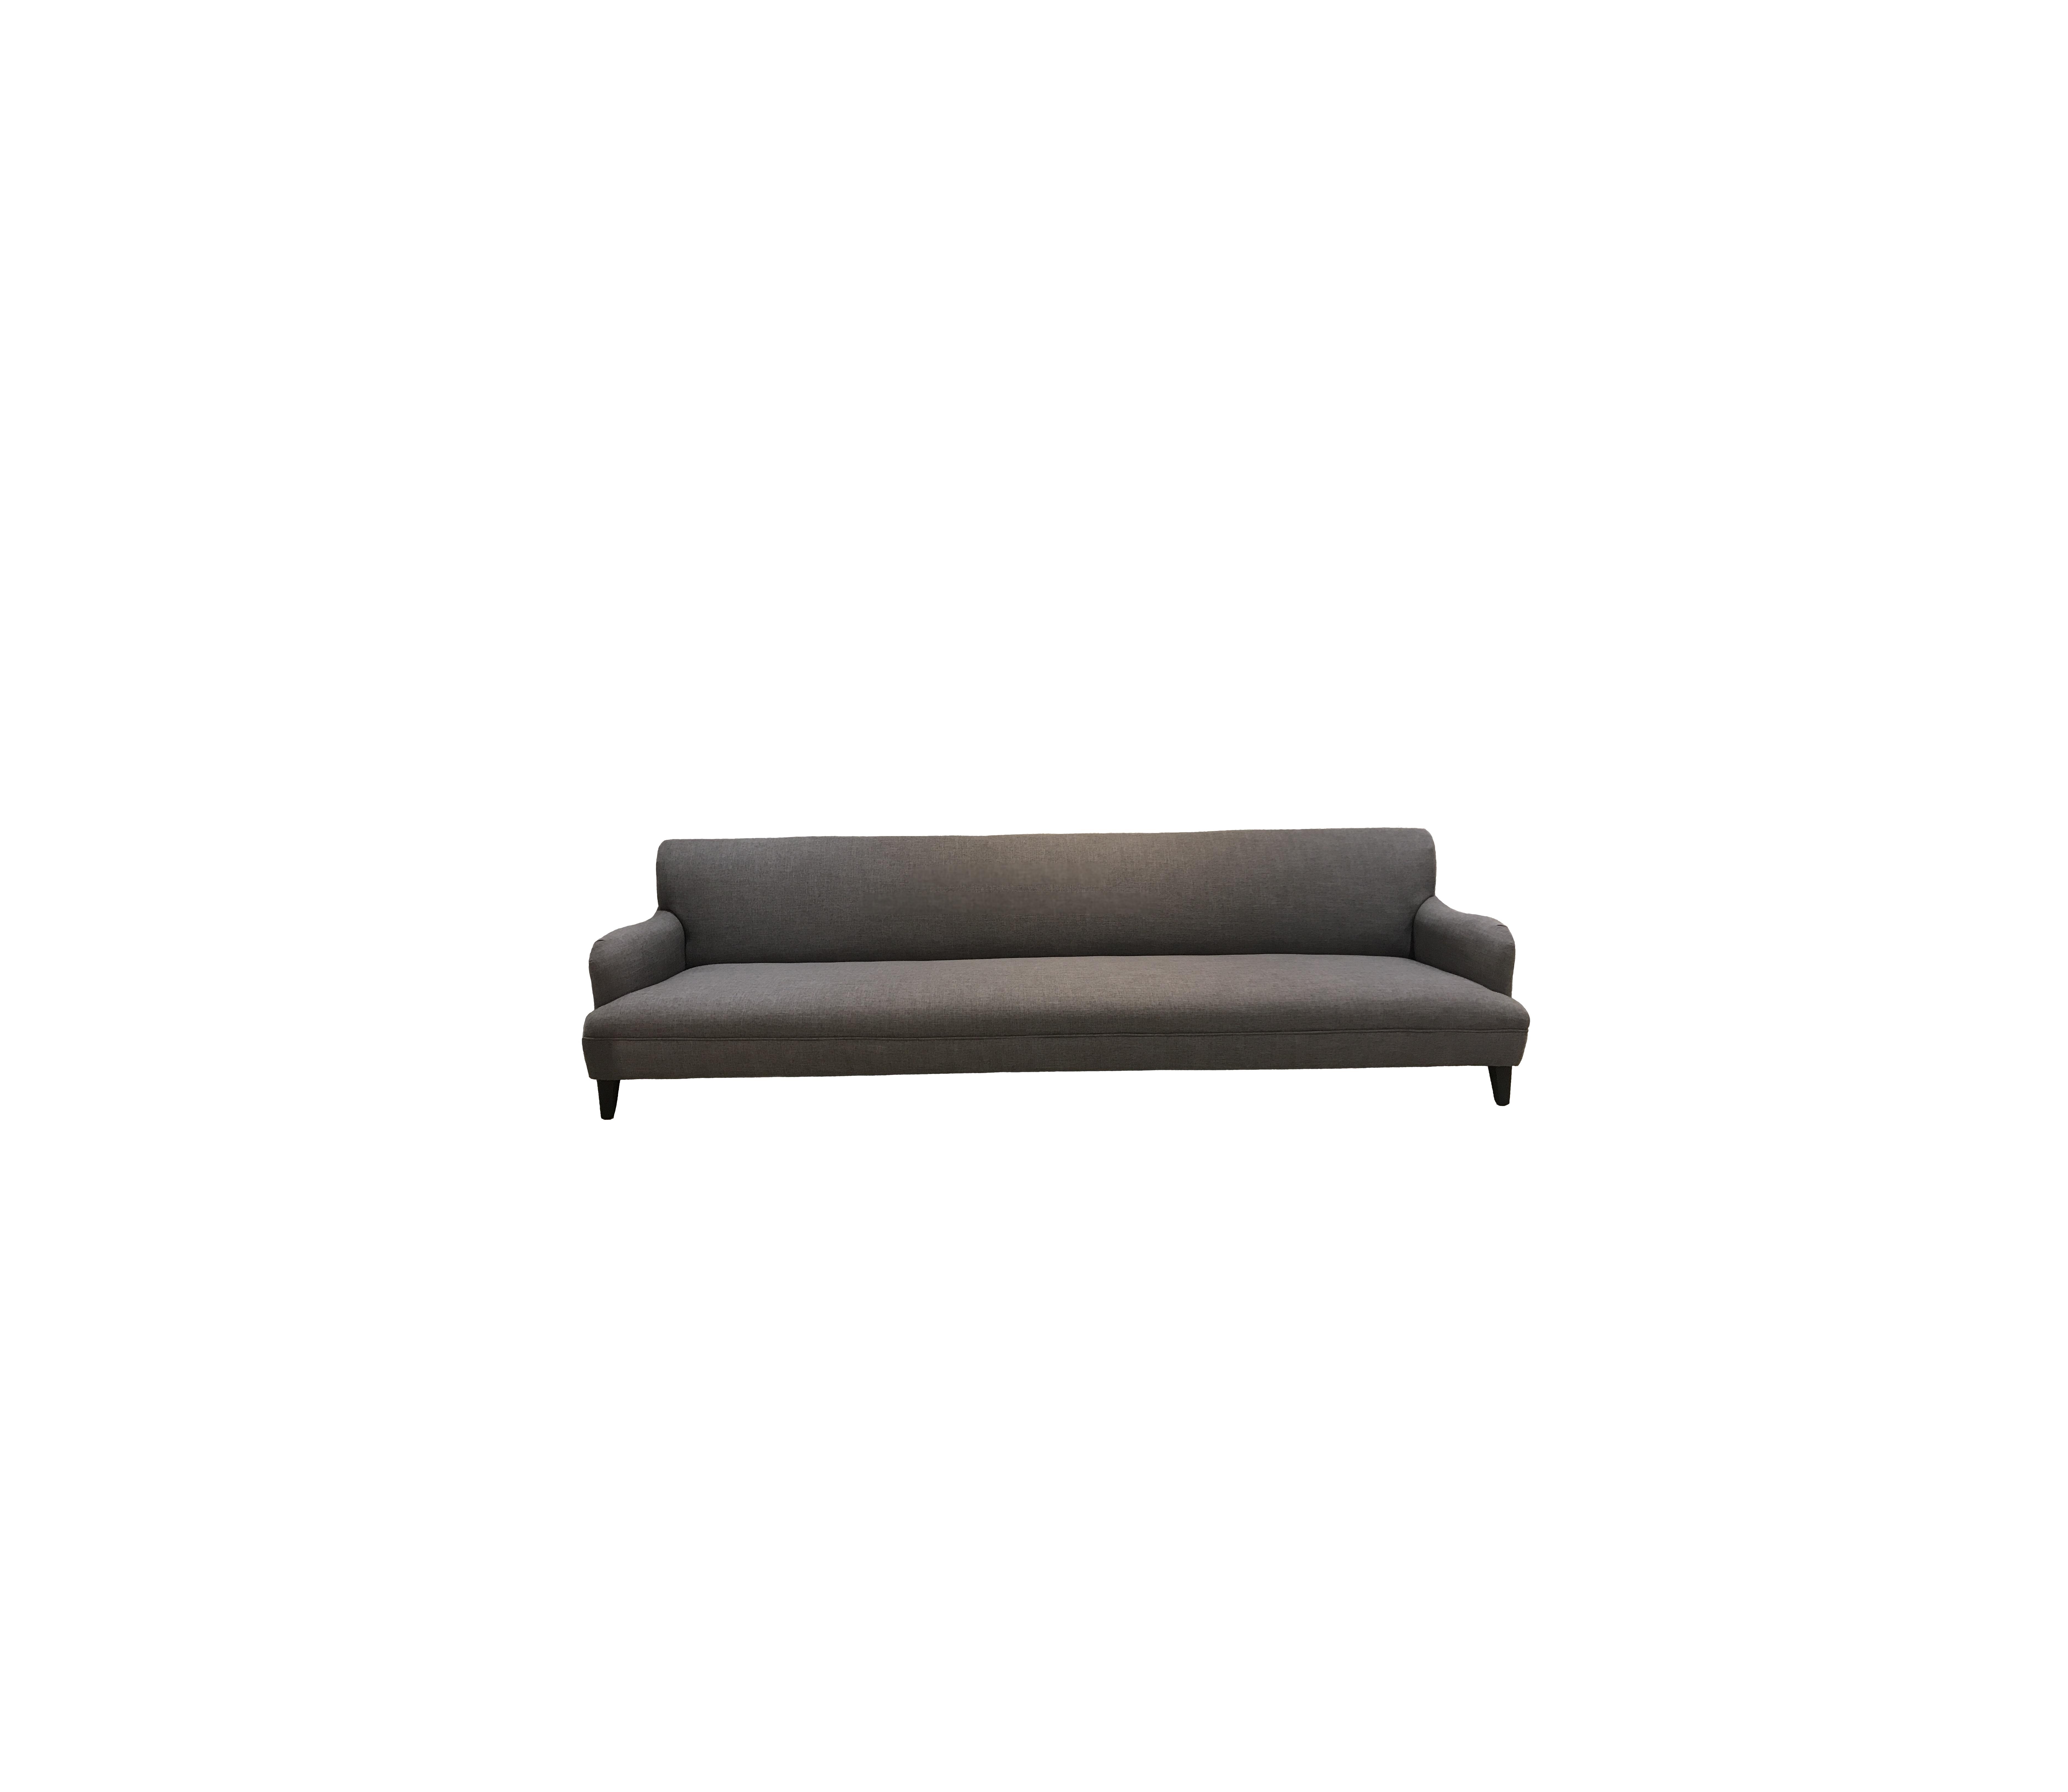 Brison sofa